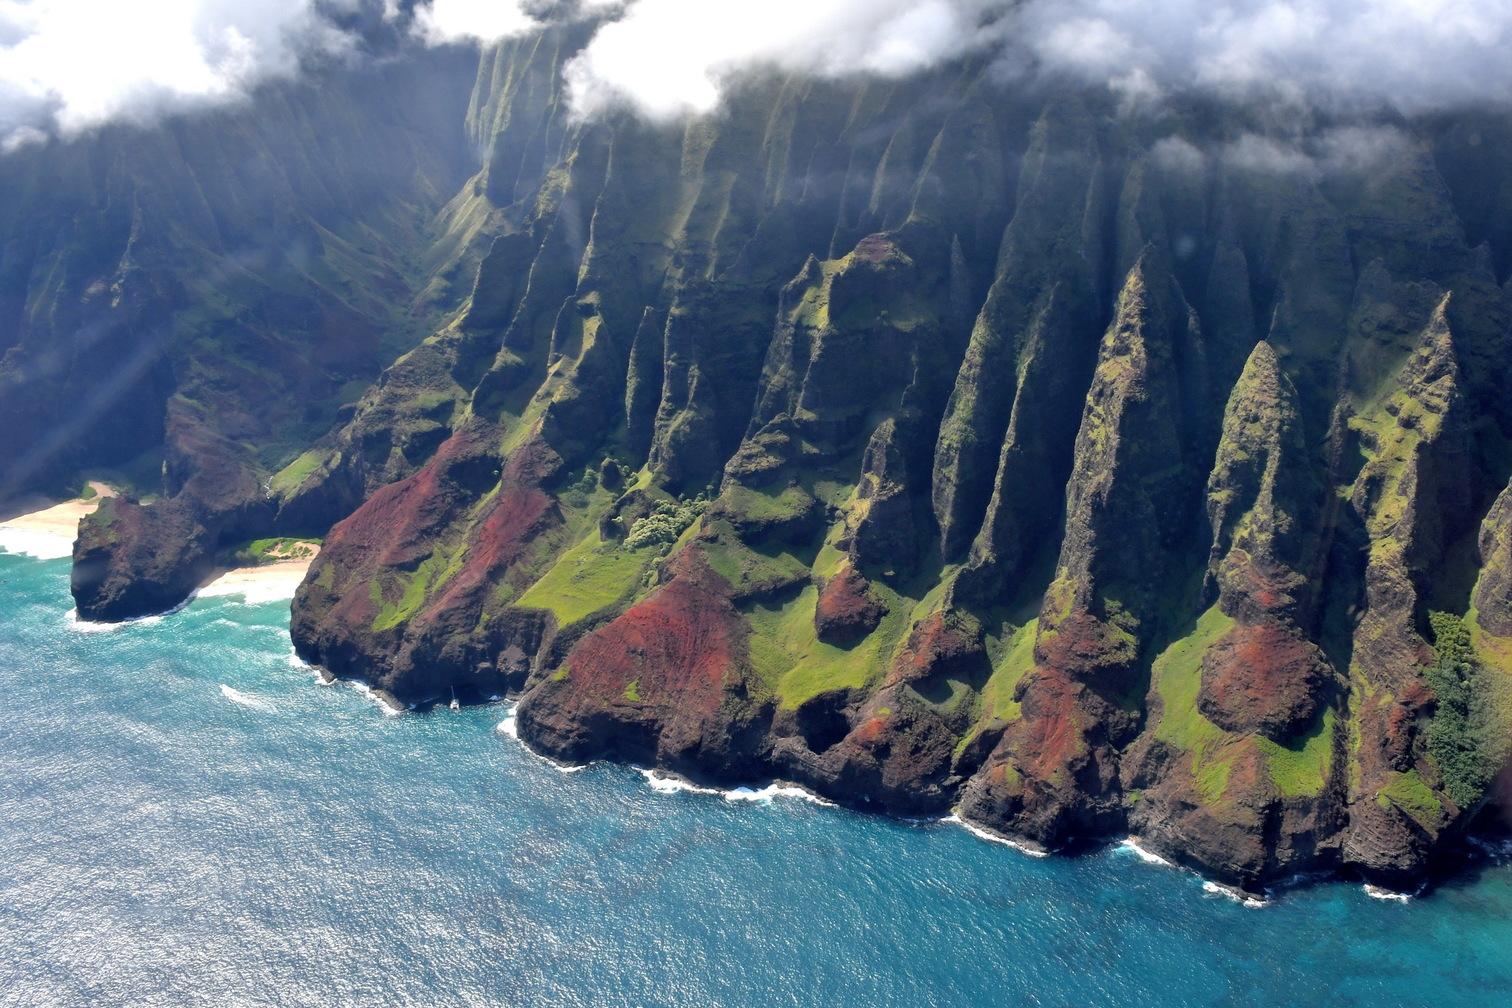 hawaii les montagnes de feu hawaii les montagnes de